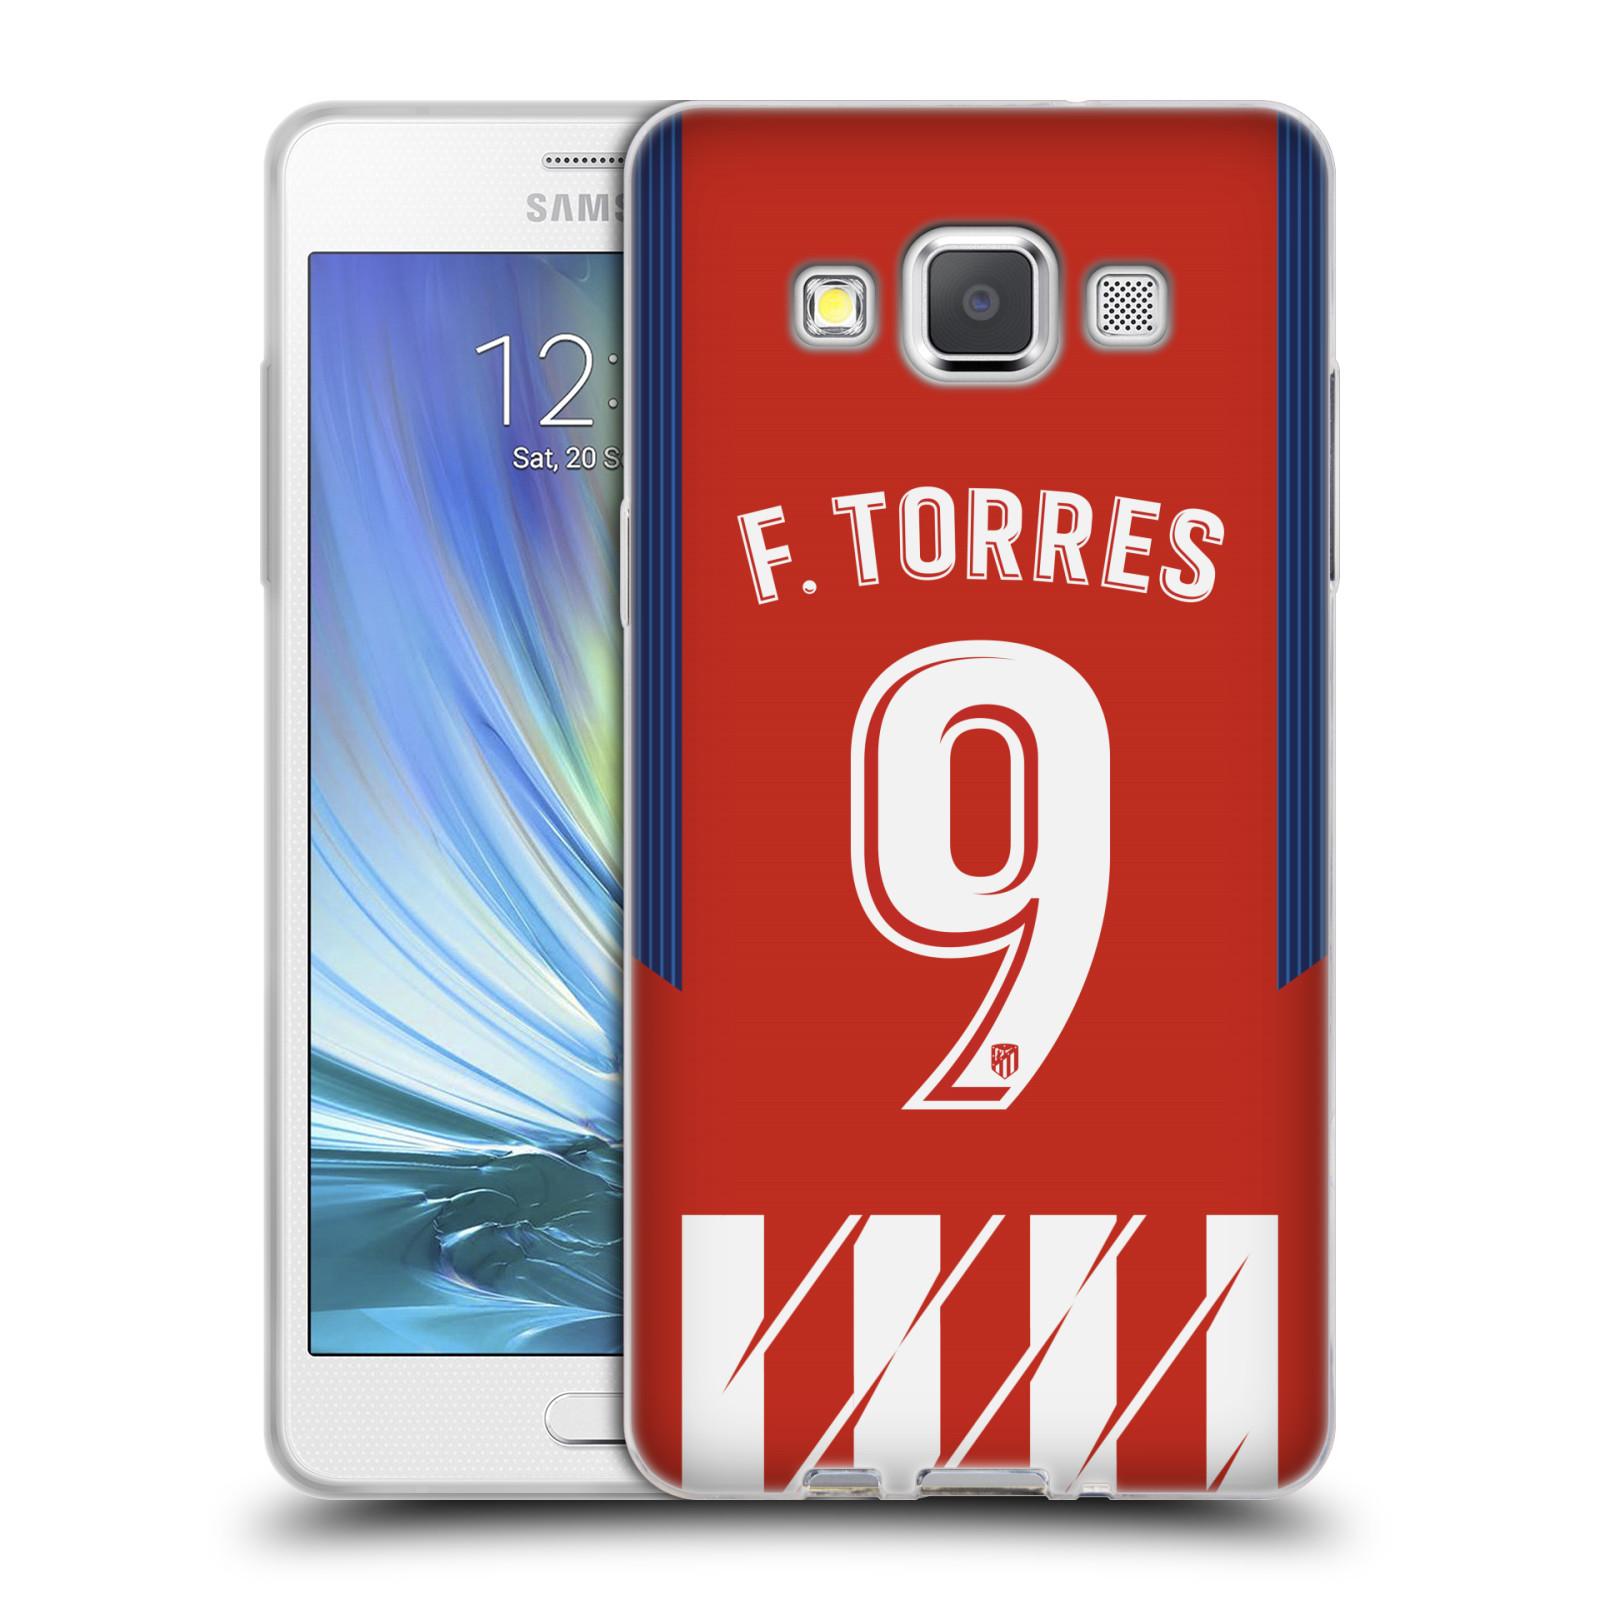 HEAD CASE silikonový obal na mobil Samsung Galaxy A5 (A500) Fotbalový klub Atlético Madrid dres Fernando Torres